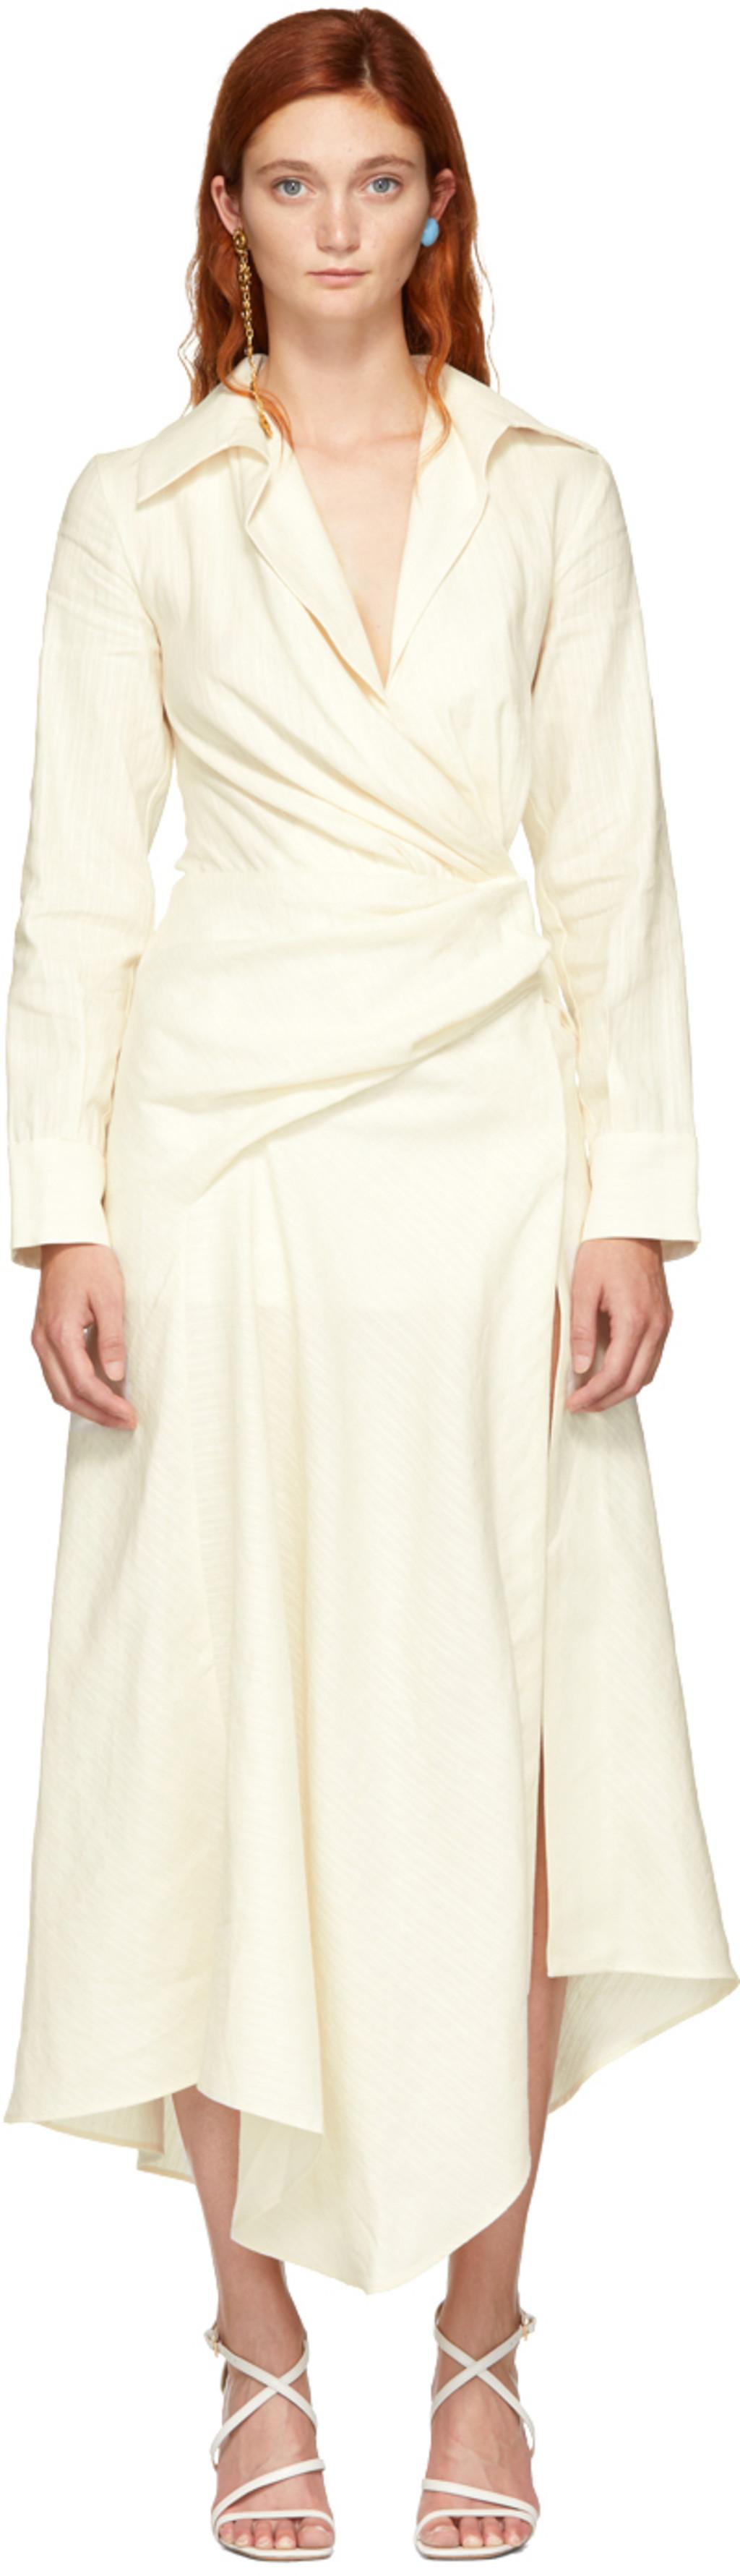 Designer dresses for Women | SSENSE